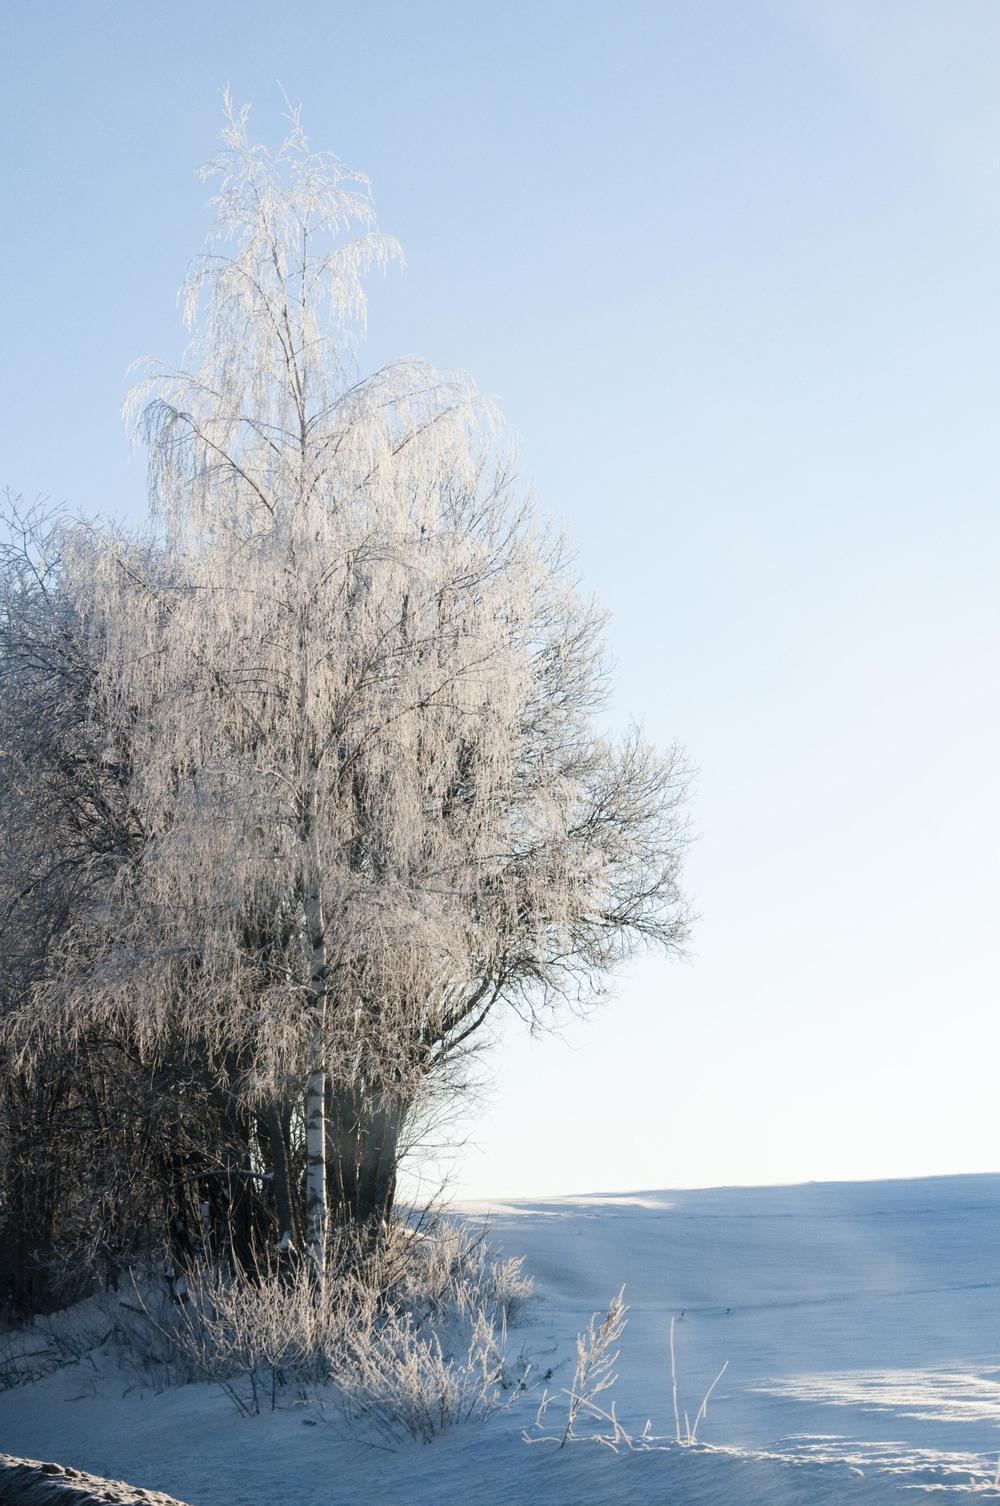 Fantastiske lyse vinterdager - ja takk!